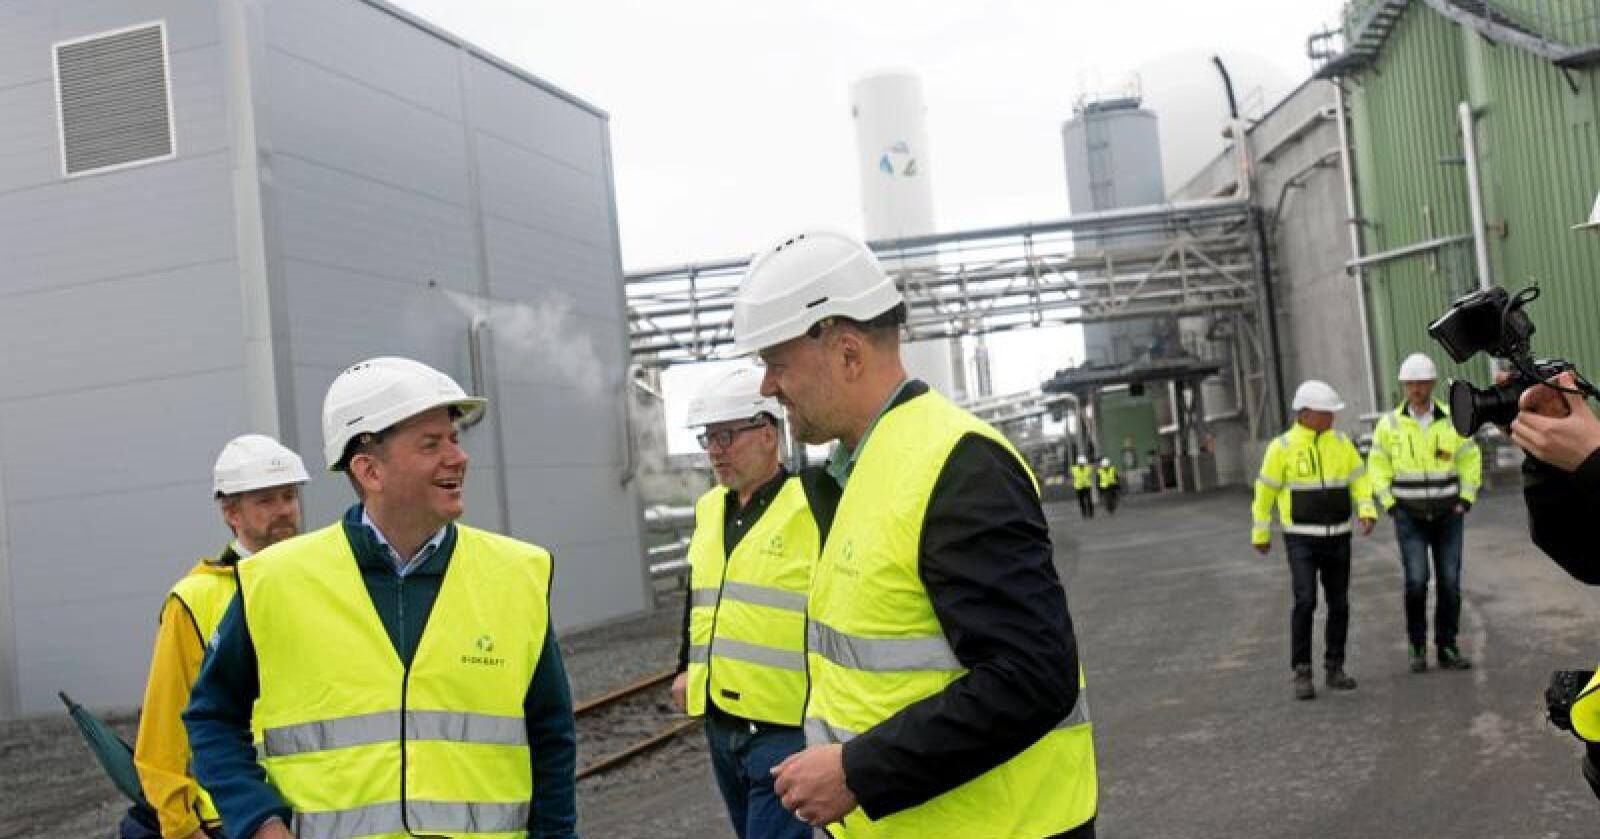 Håper flere følger etter: - Biogass er det grønneste drivstoffet innenfor shipping. Så dette var et enkelt valg for oss og en kjempefordel for miljøet. Vi håper flere andre følger etter, sier konsernsjef Daniel Skjeldam i Hurtigruten.  Torsdag fikk han omvisning på biogassfabrikken på Skogn sammen med konsernsjef i Biokraft, Håvard Wollan. Foto: Håvard Zeiner